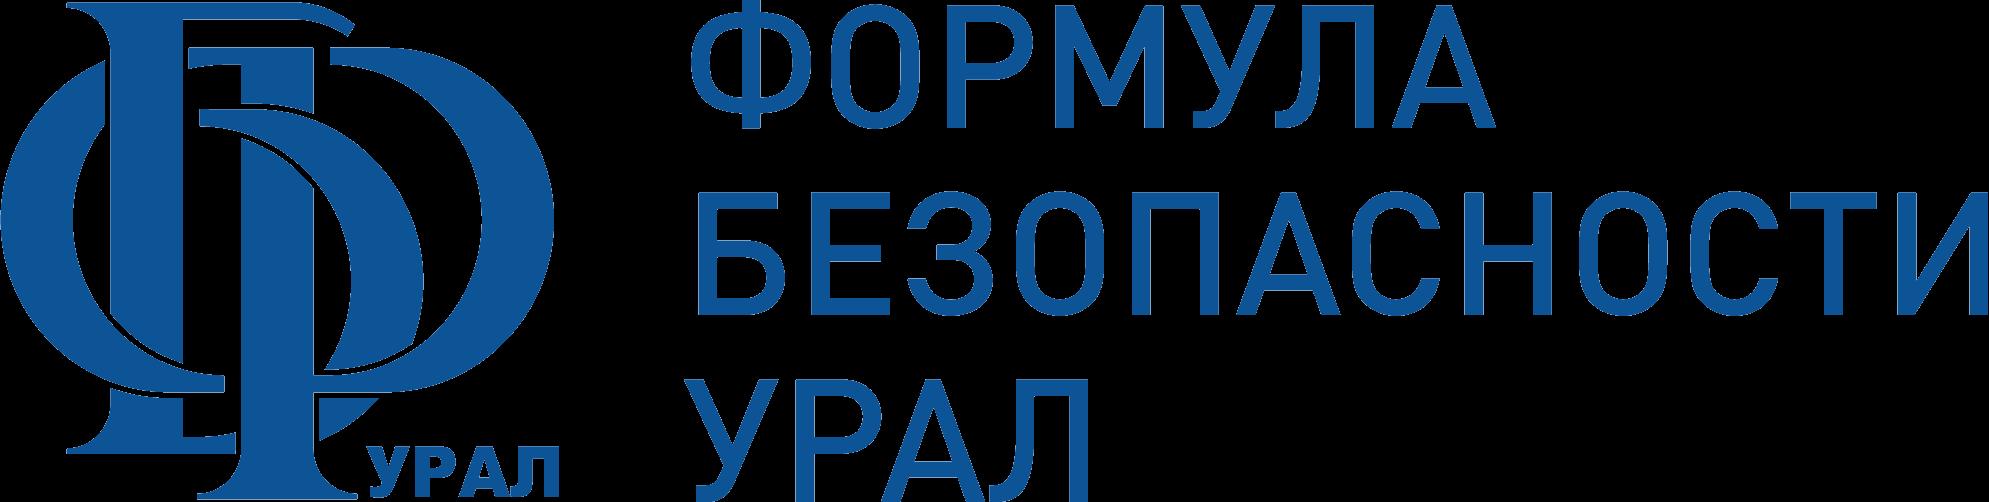 ООО « Формула Безопасности - Урал »